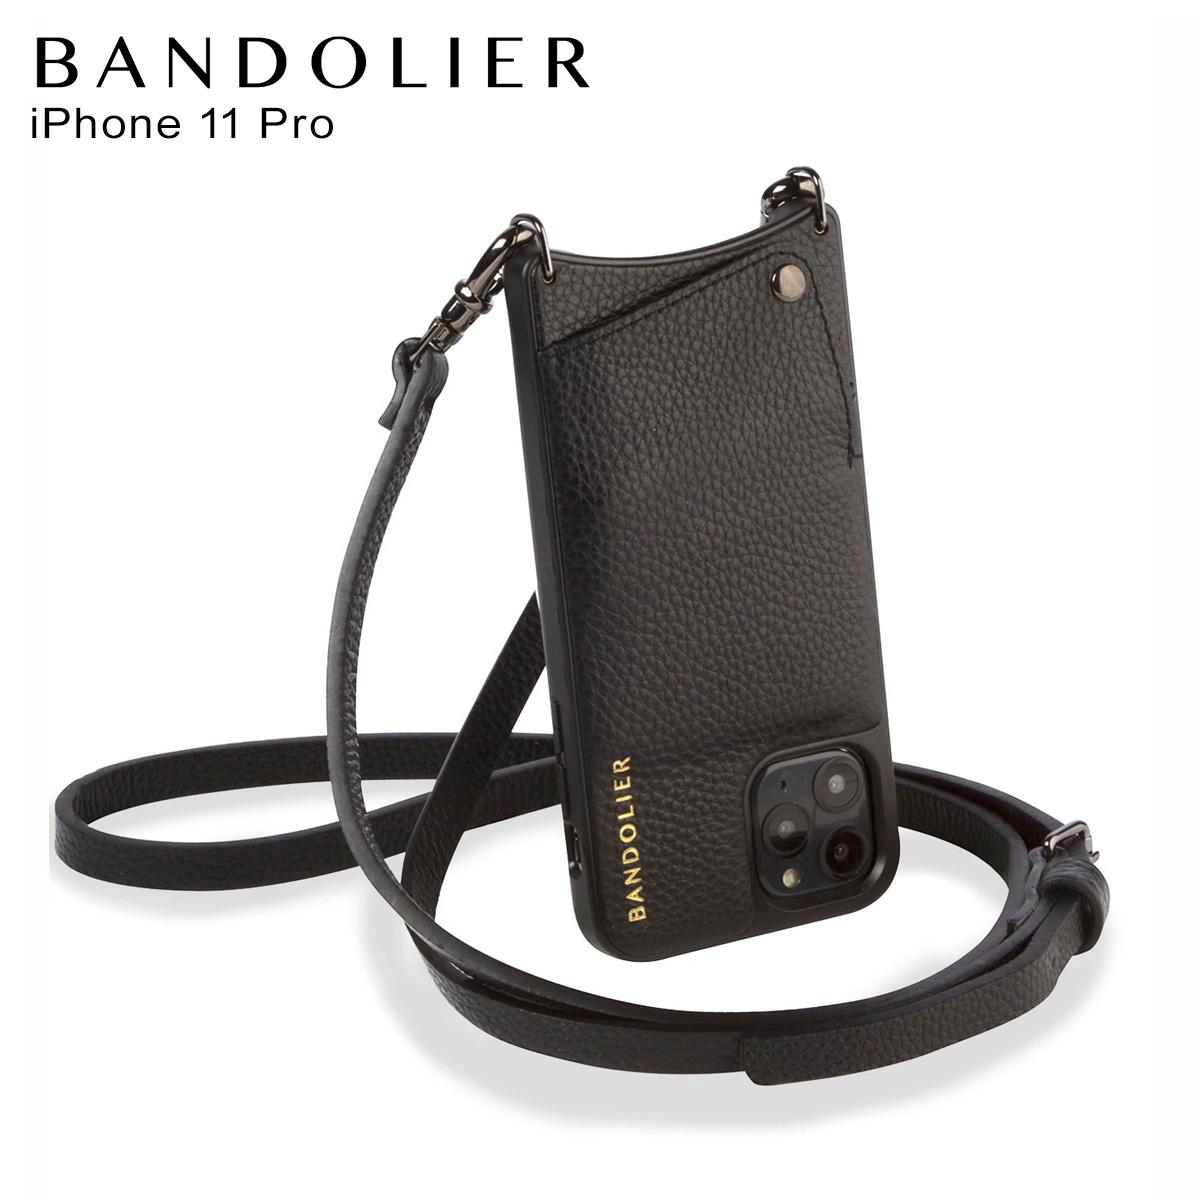 バンドリヤー BANDOLIER エマ ピューター iPhone11 Pro ケース スマホ 携帯 ショルダー アイフォン メンズ レディース EMMA PEWTER ブラック 黒 2980 [4/28 再入荷]